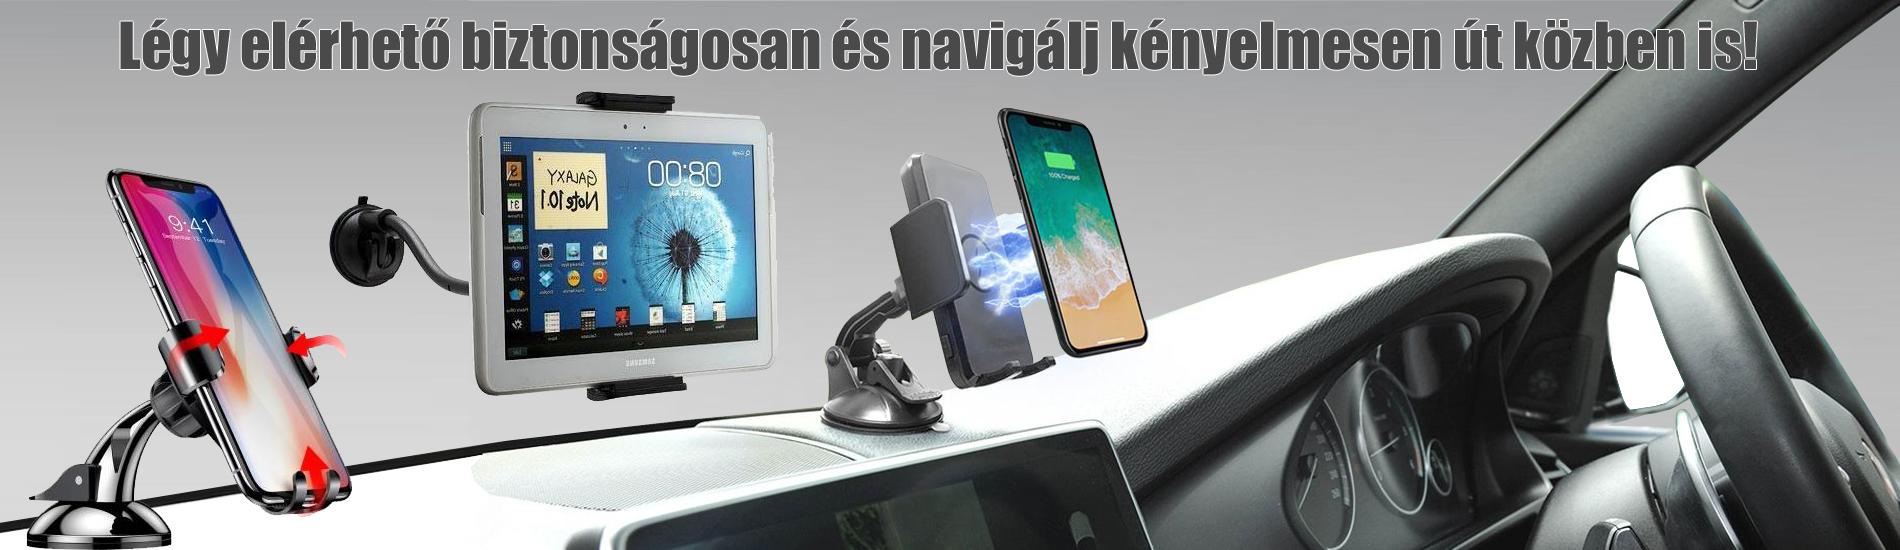 Autós mobiltelefon és tablet pc kiegészítők